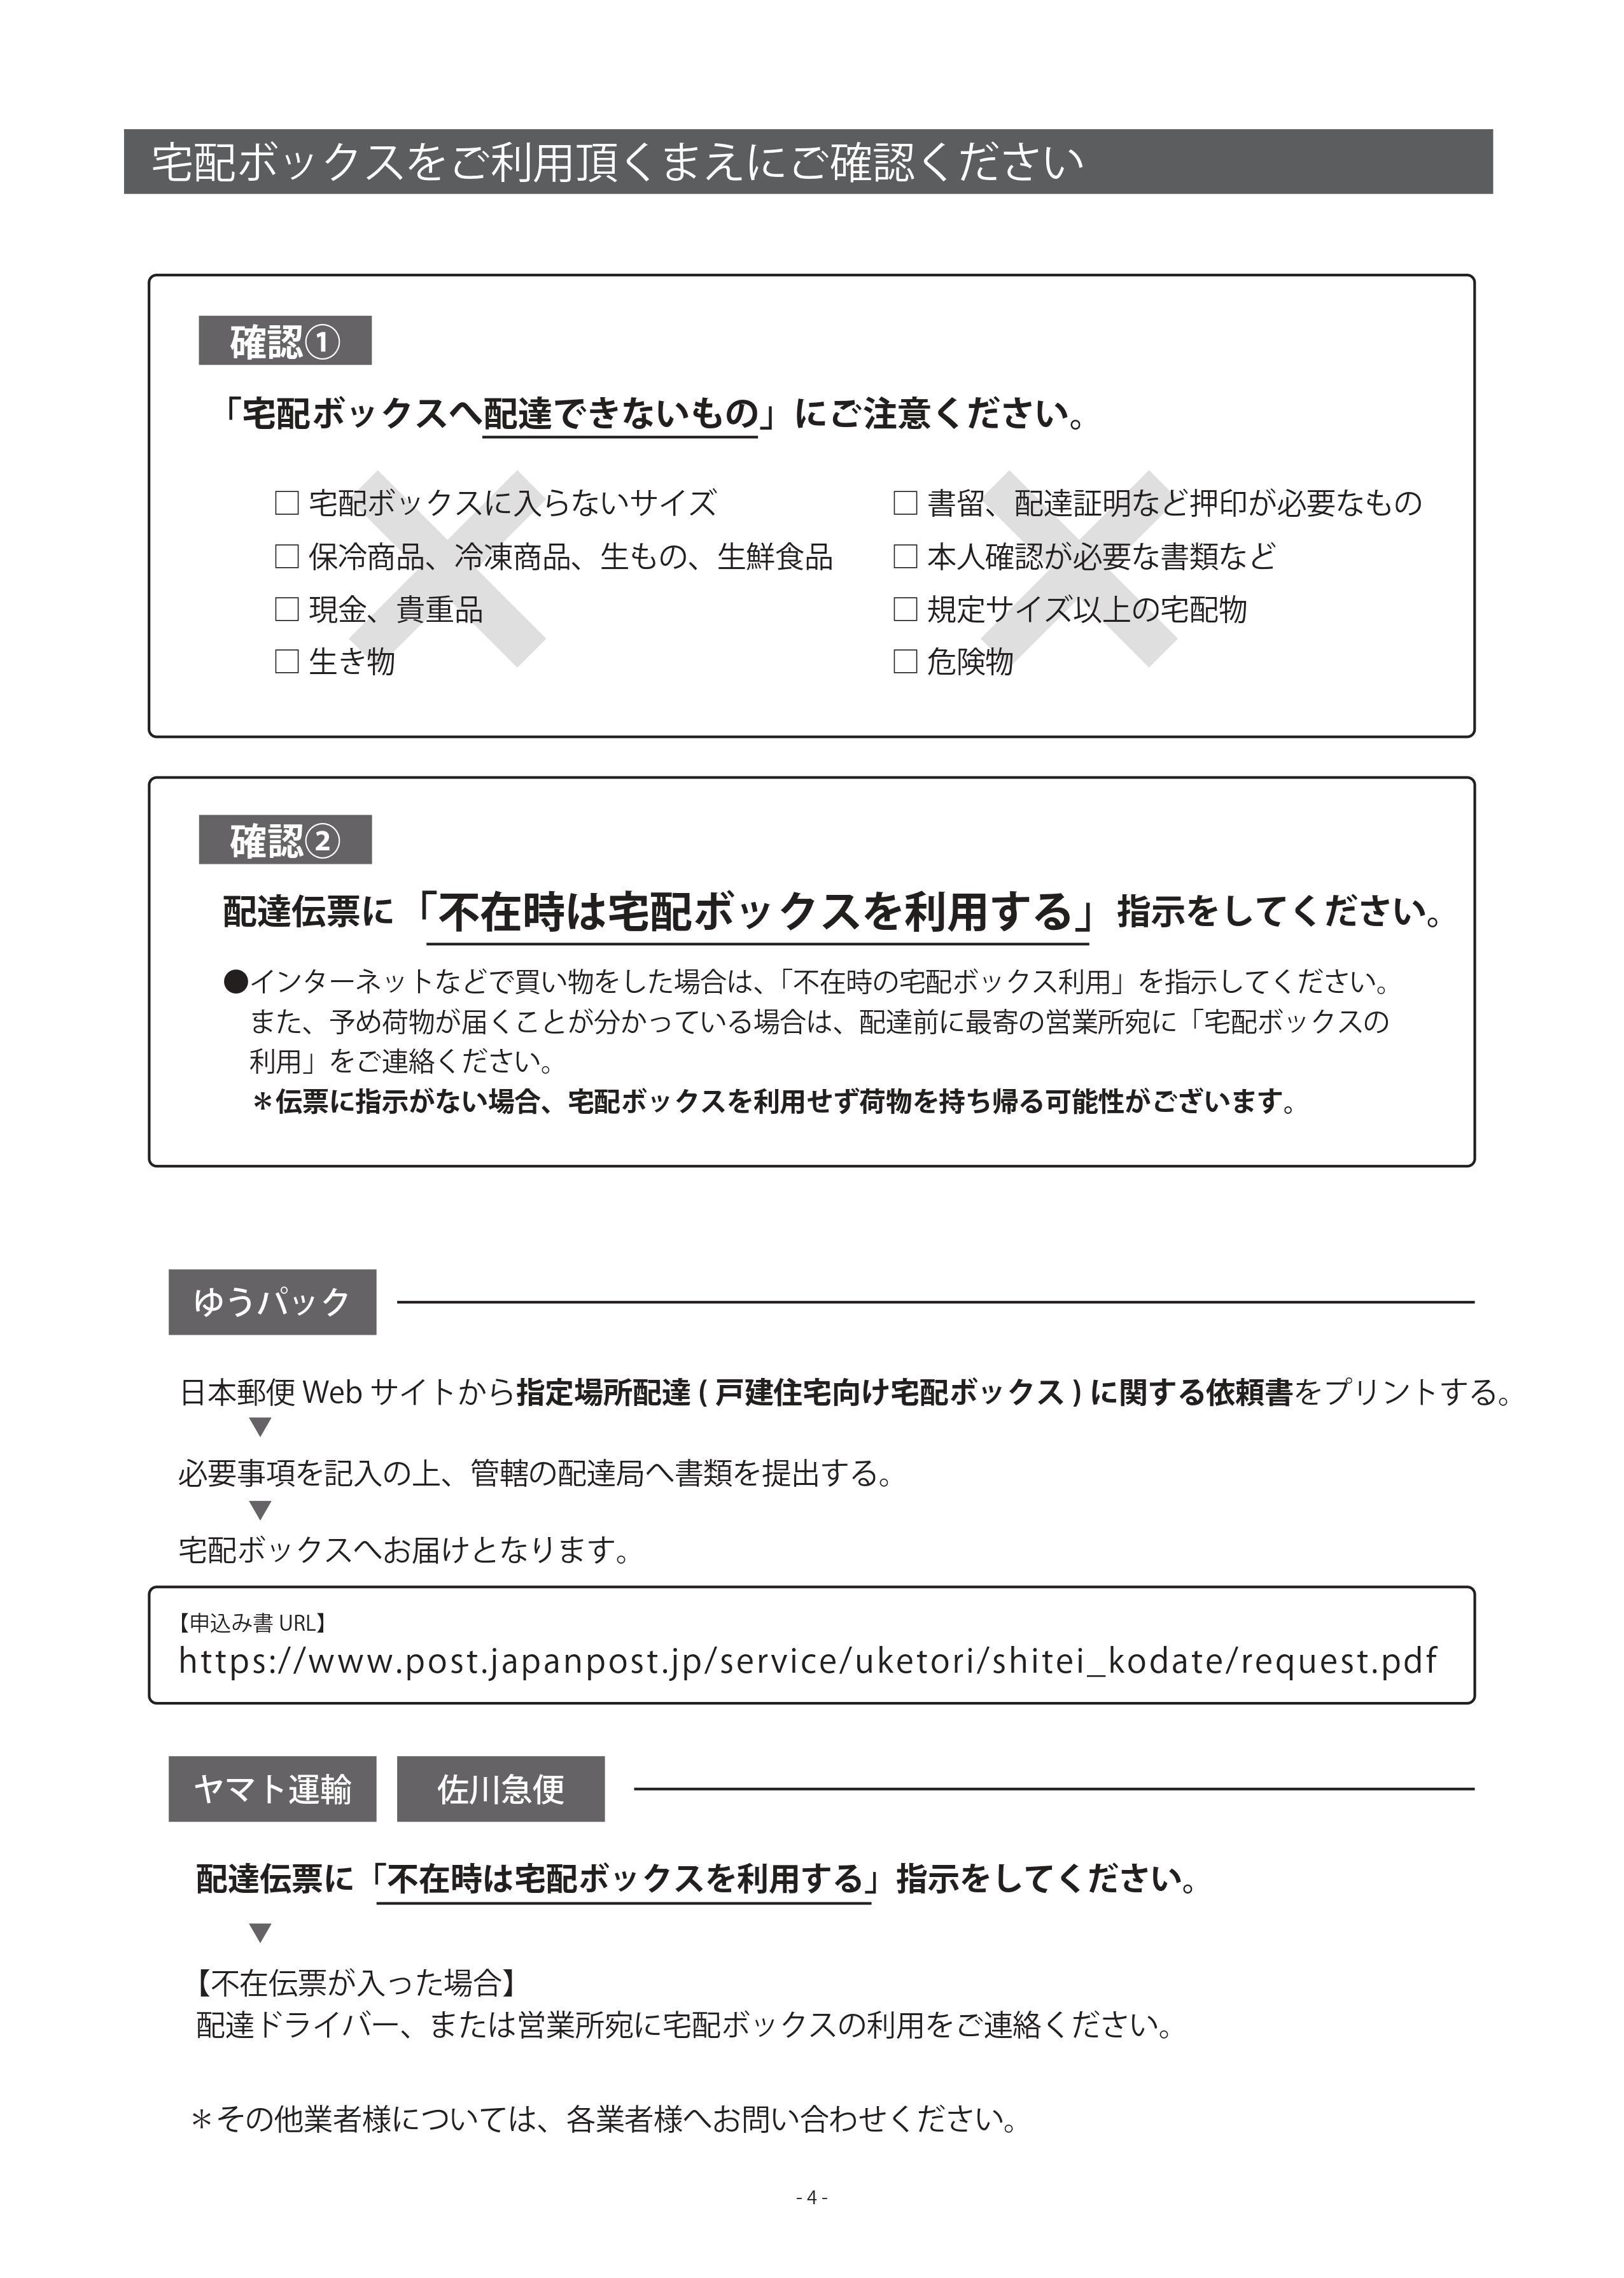 ヴィコDB 取り扱い説明書 (4)